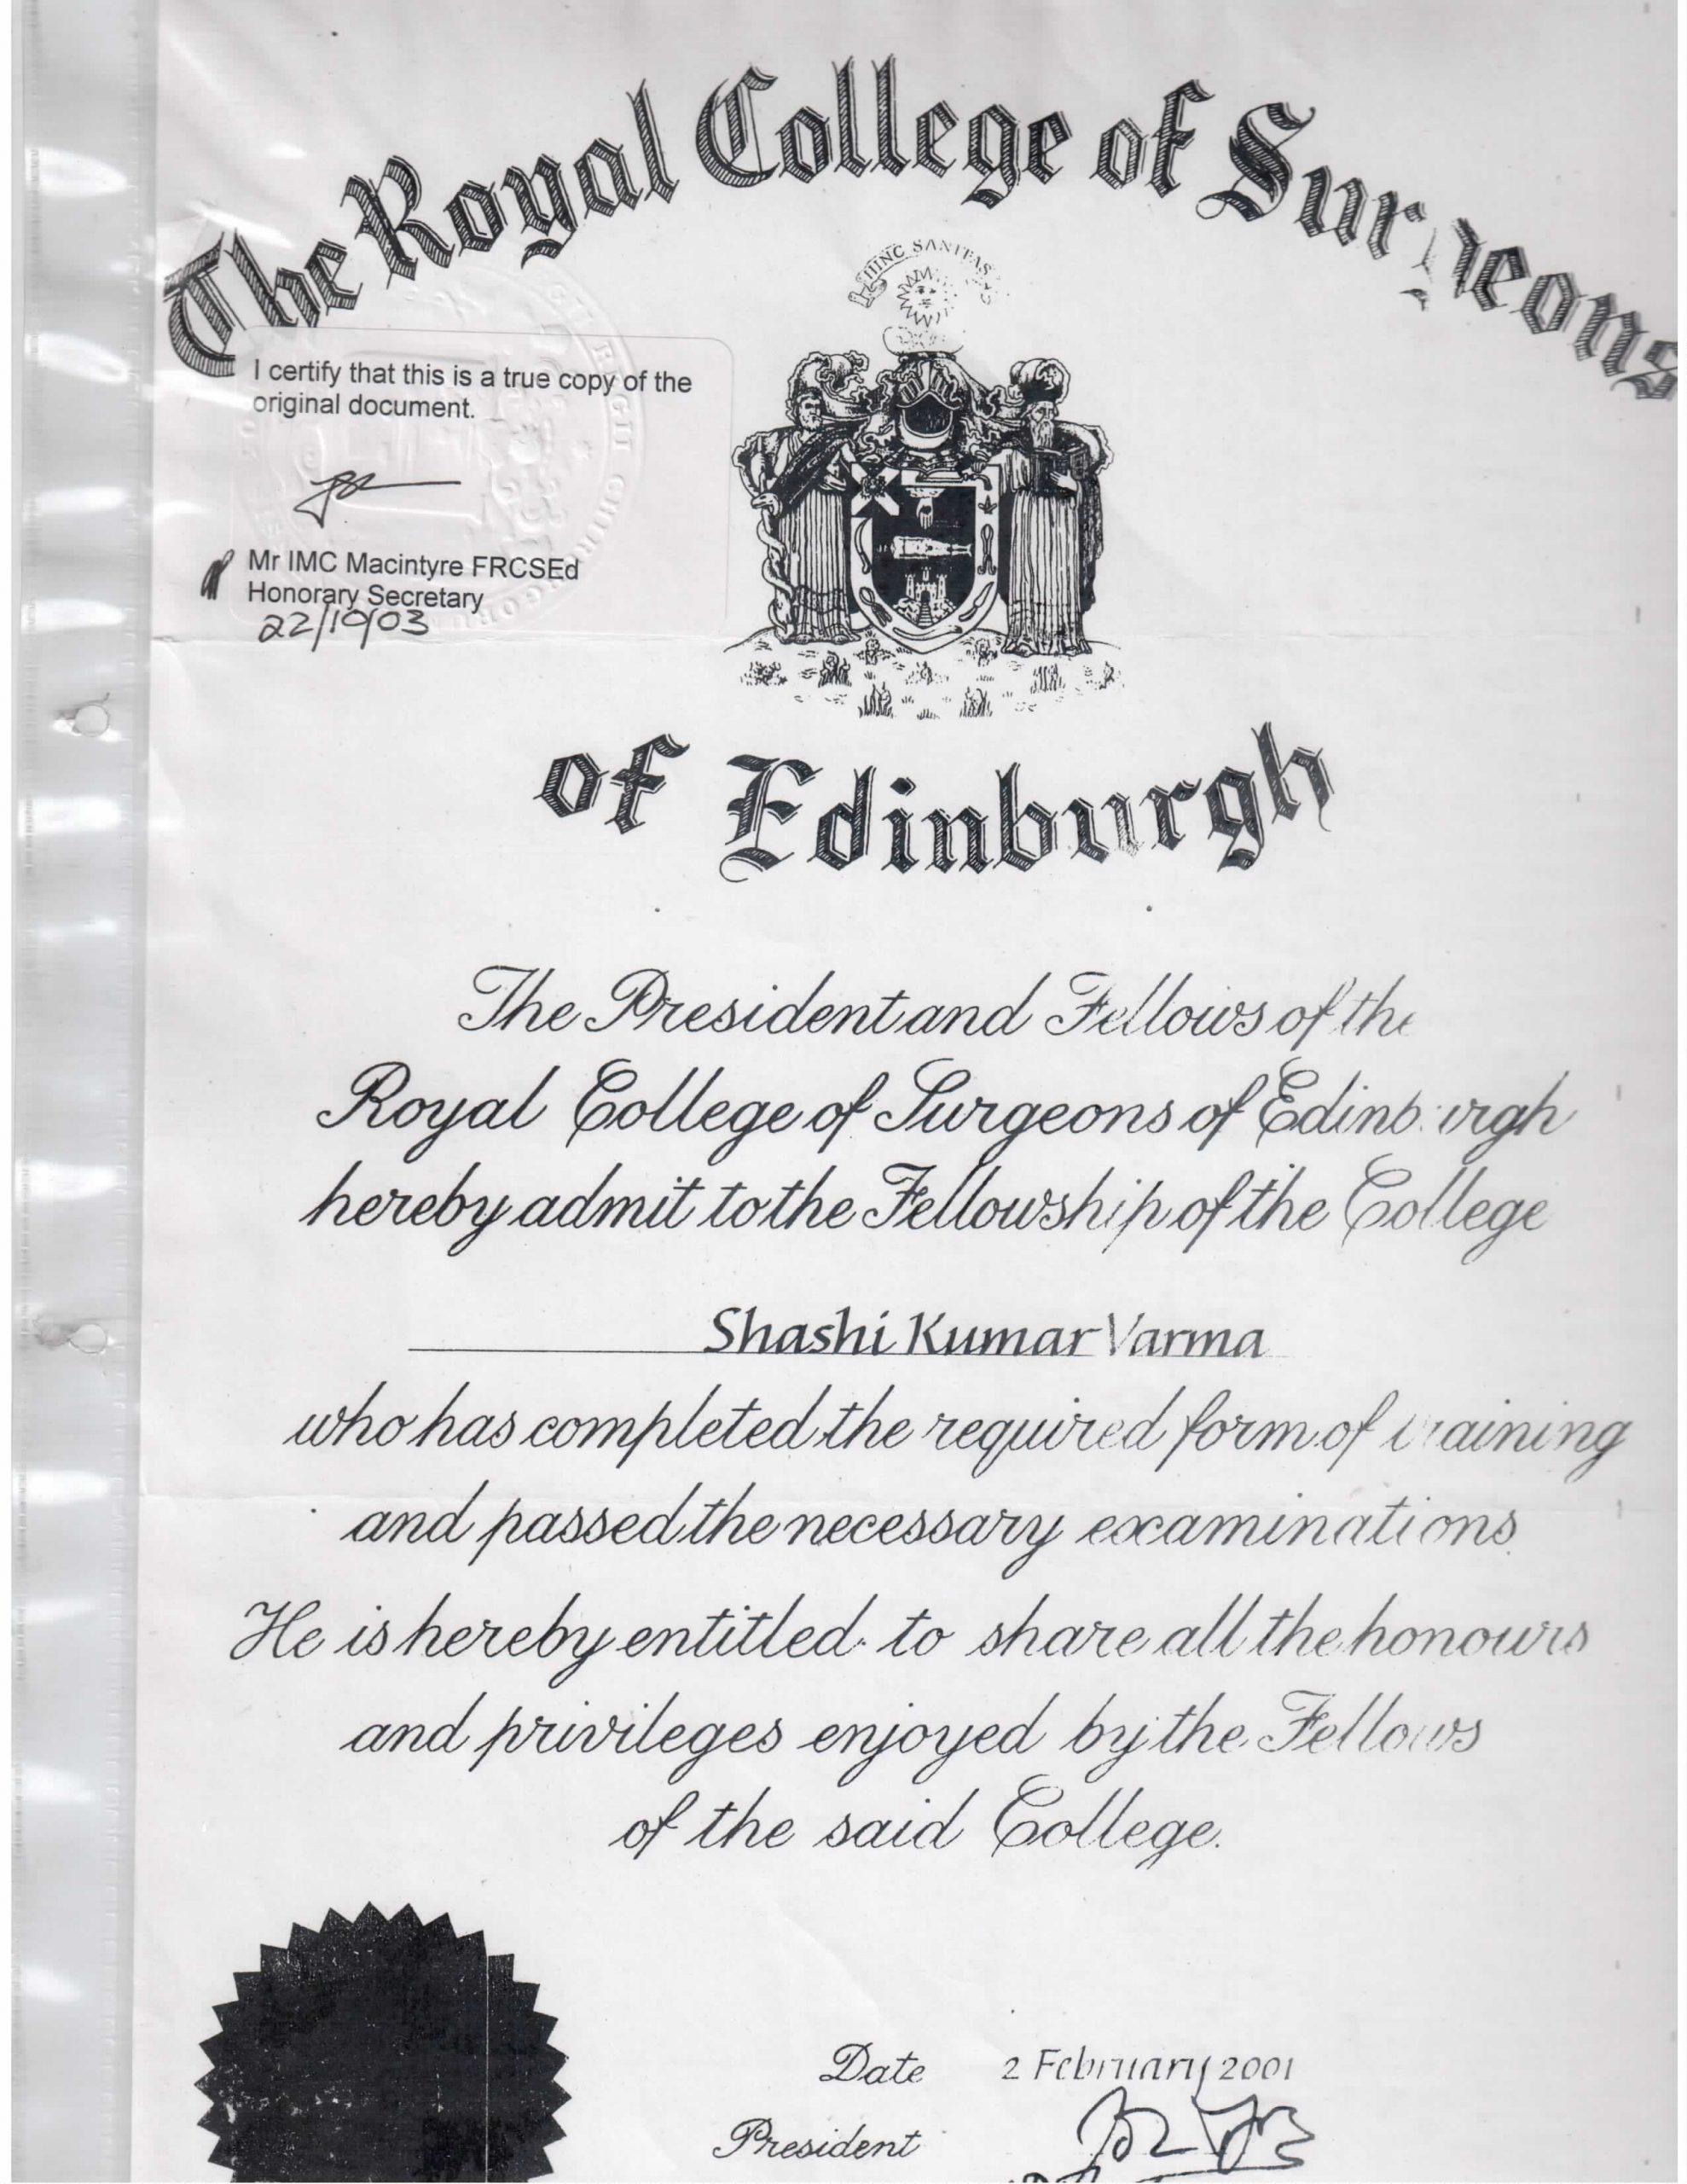 SK Varma (FRCS Certificate)